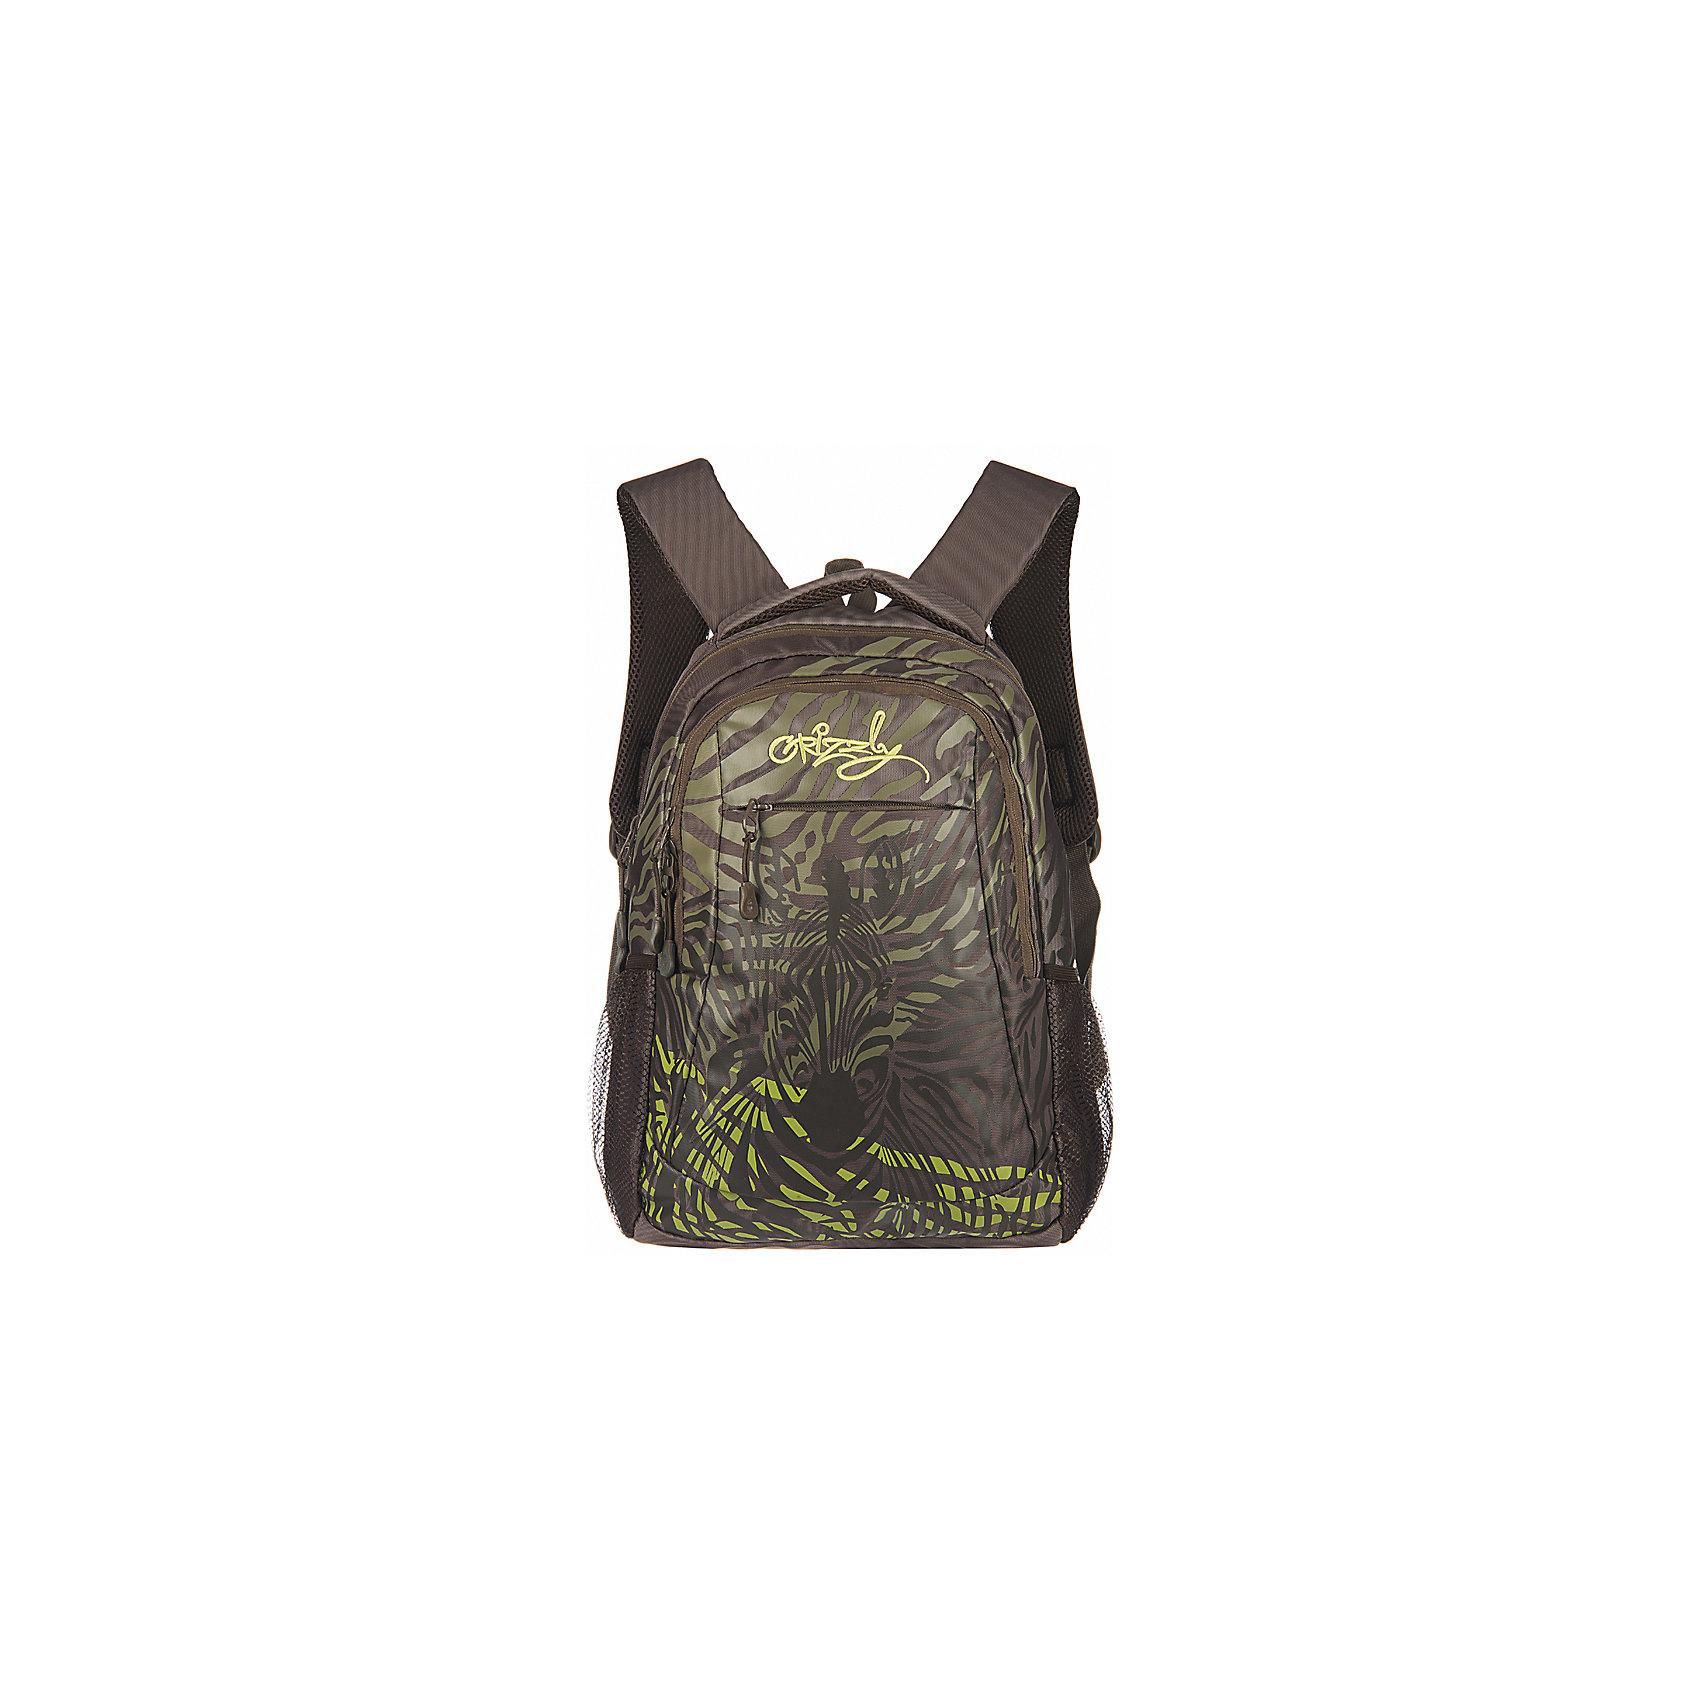 Grizzly Рюкзак школьный ХакиРюкзаки<br>Рюкзак, Хаки, Grizzly (Гризли) ? рюкзак отечественного бренда Гризли молодежной серии. Рюкзак  выполнен из принтованного полиэстера в сочетании с нейлоном высокого качества, что обеспечивает, с одной стороны, легкий вес, а с другой ? надежность и прочность. Все швы выполнены капроновыми нитками, что делает швы особенно крепкими и устойчивыми к износу даже в течение нескольких лет. <br>Внутреннее устройство рюкзака состоит из двух вместительных отсеков, внутреннего кармана-пенала для хранения ручек и карандашей. Наружные боковые карманы выполнены из сетки. Удобство и эргономичность рюкзака создается за счет жесткой анатомической спинки, укрепленных лямок и мягкой укрепленной ручки. Уникальность рюкзаков Grizzly заключается в том, что анатомическая спинка изготовлена из специальной ткани, которая пропускает воздух, тем самым защищает спину от повышенного потоотделения.<br>Рюкзаки молодежной серии Grizzly (Гризли) ? это не только удобство и функциональность, это еще и оригинальный современный дизайн. Рюкзак, Хаки, Grizzly (Гризли) выполнен в оригинальном дизайне: по всей поверхности рюкзака расположены волнистые линии, в центре просматривается силуэт зебры.<br>Рюкзак, Хаки Grizzly (Гризли) ? это качество материалов, удобство, стиль и долговечность использования. <br><br>Дополнительная информация:<br><br>- Вес: 600 г<br>- Габариты (Д*Г*В): 29*22*41 см<br>- Цвет: серо-бирюзовый<br>- Материал: полиэстер, нейлон <br>- Сезон: круглый год<br>- Коллекция: молодежная <br>- Год коллекции: 2016 <br>- Пол: женский/мужской<br>- Предназначение: для школы, для занятий спортом<br>- Особенности ухода: можно чистить влажной щеткой или губкой, допускается ручная стирка<br><br>Подробнее:<br><br>• Для школьников в возрасте: от 8 лет и до 12 лет<br>• Страна производитель: Россия<br>• Торговый бренд: Grizzly<br><br>Рюкзак, Хаки Grizzly (Гризли) можно купить в нашем интернет-магазине.<br><br>Ширина мм: 290<br>Глубина мм: 220<br>Высота мм: 410<br>Вес г: 